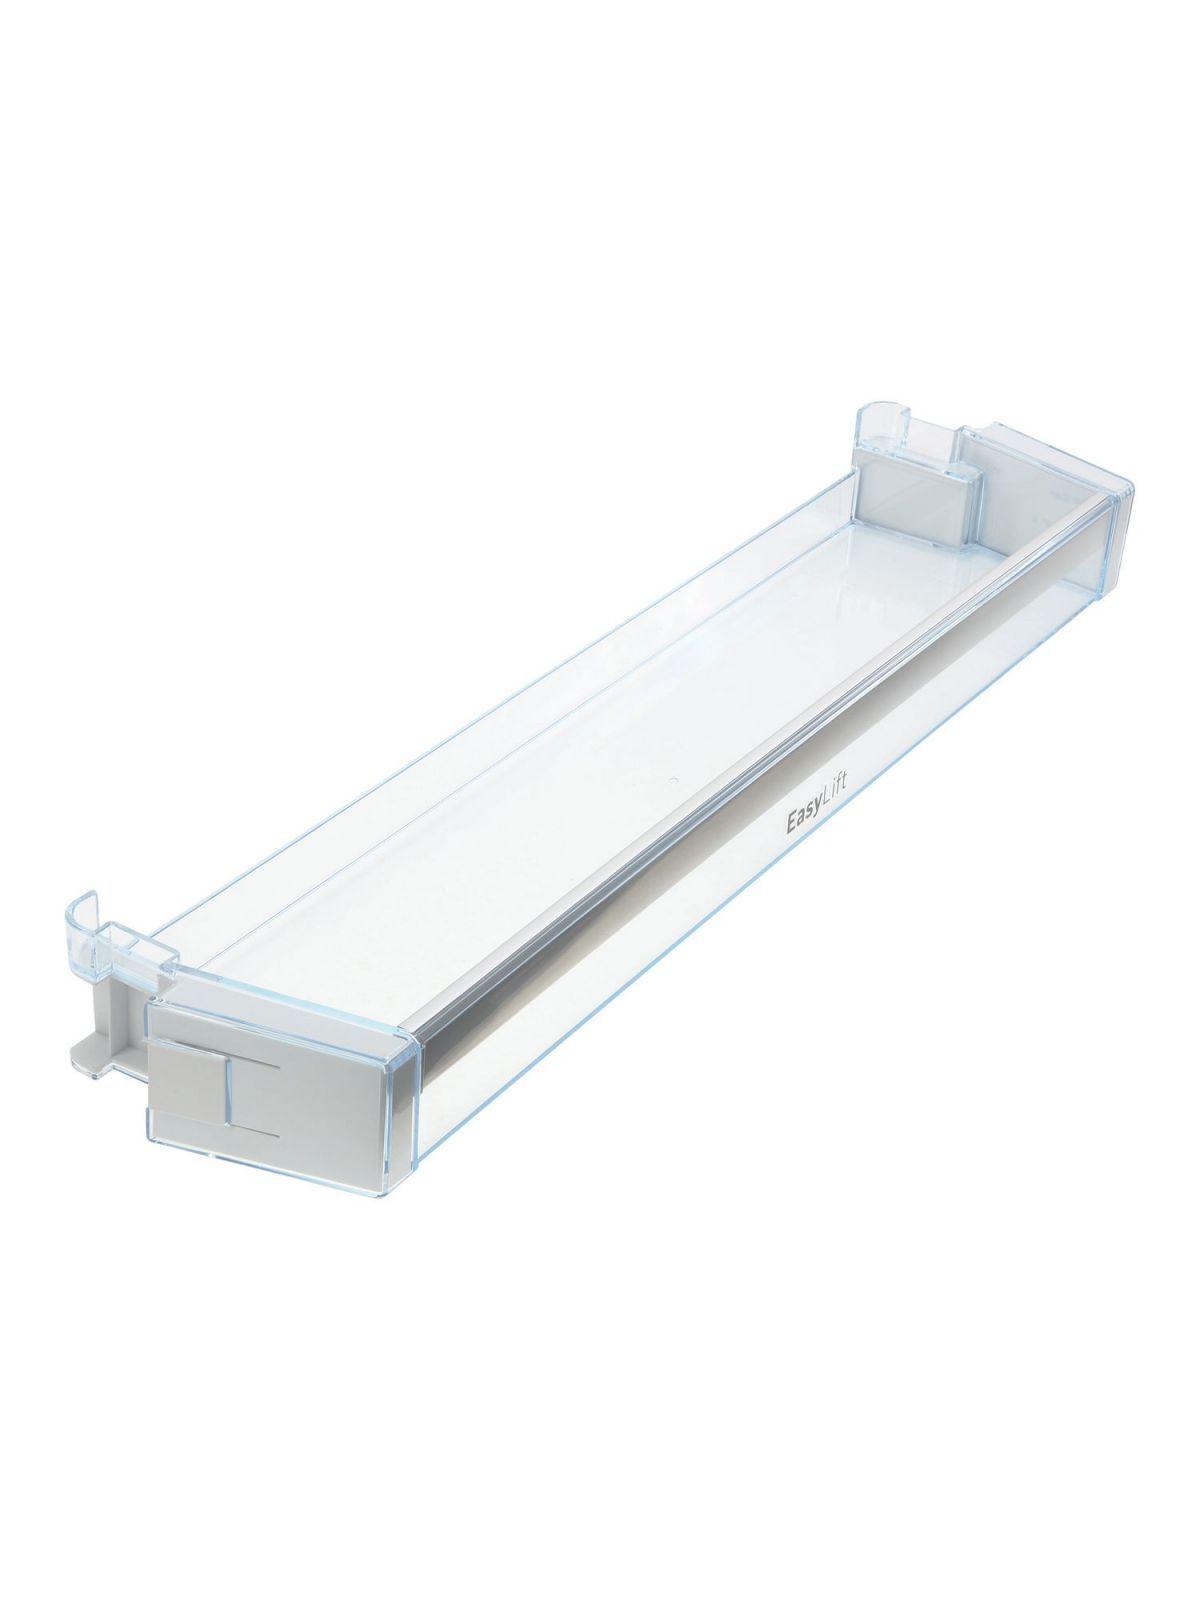 Shelf for Bosch Fridges - 11002517 BSH